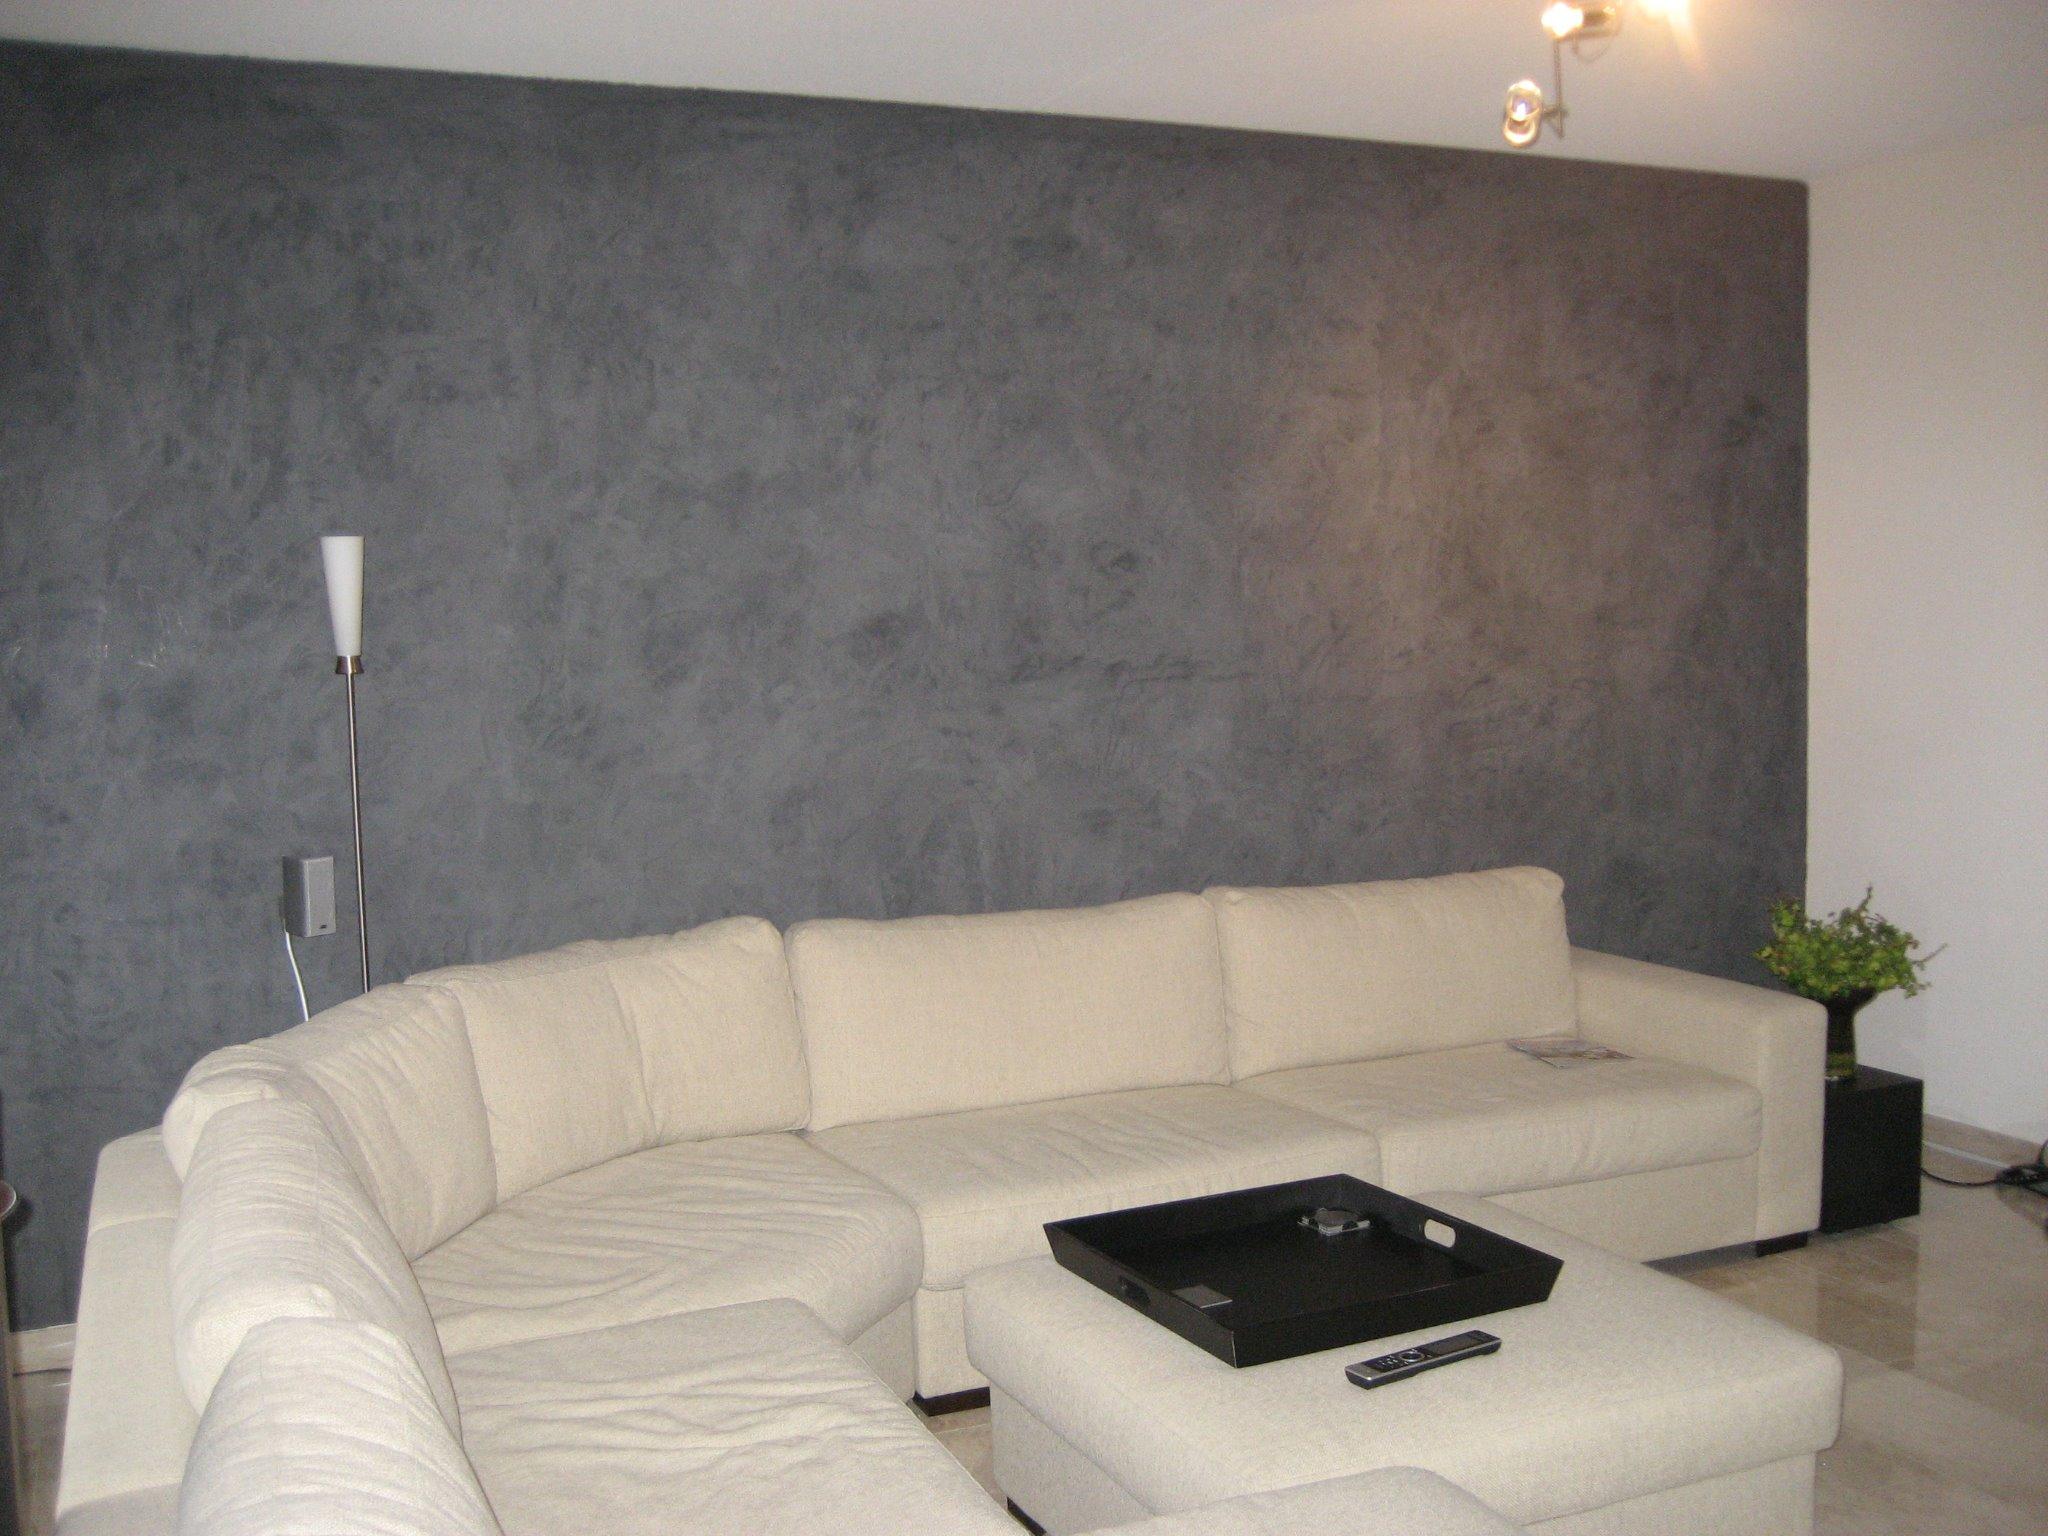 Betonlook muur stucen: een betonlook muur maak je zo vindy. badkamer